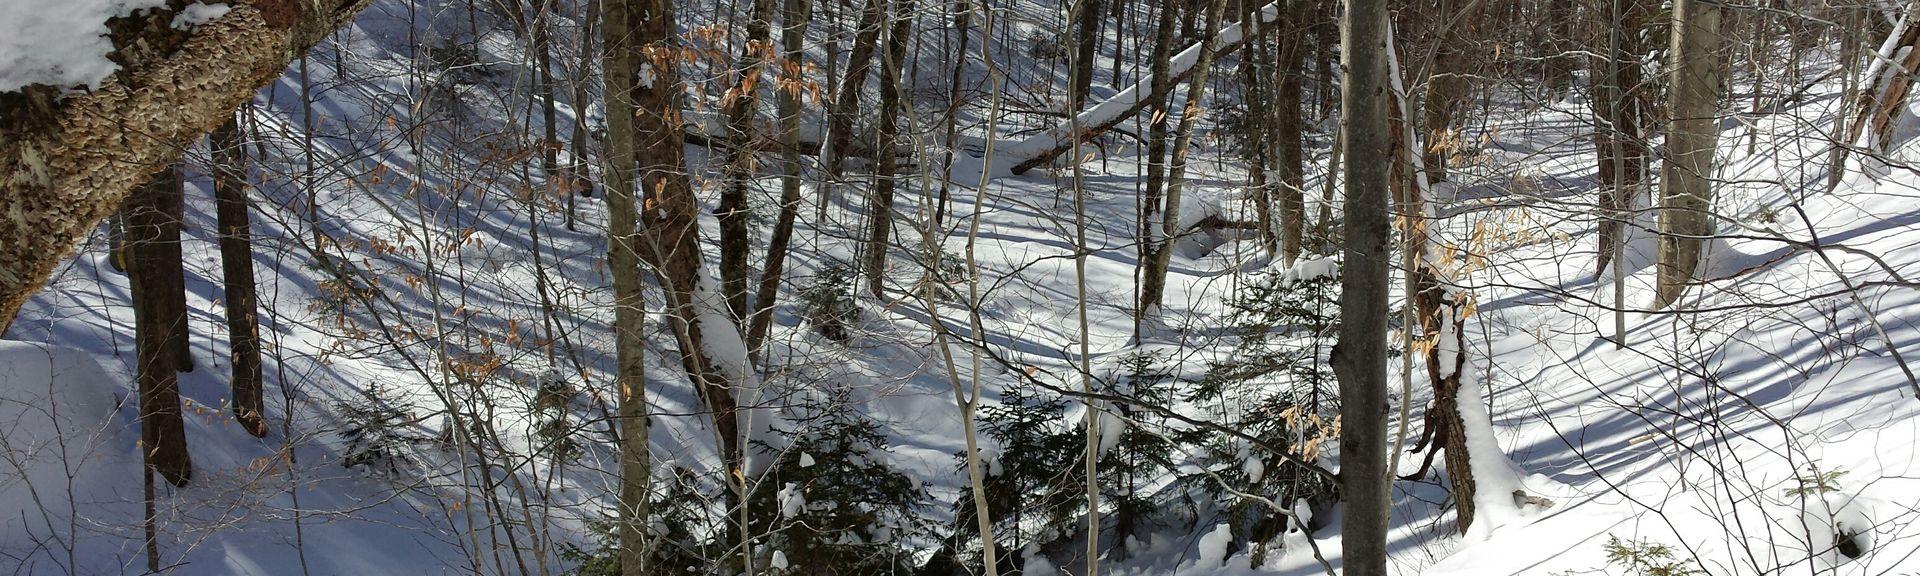 Park stanowy Lake Shaftsbury, Shaftsbury, Vermont, Stany Zjednoczone